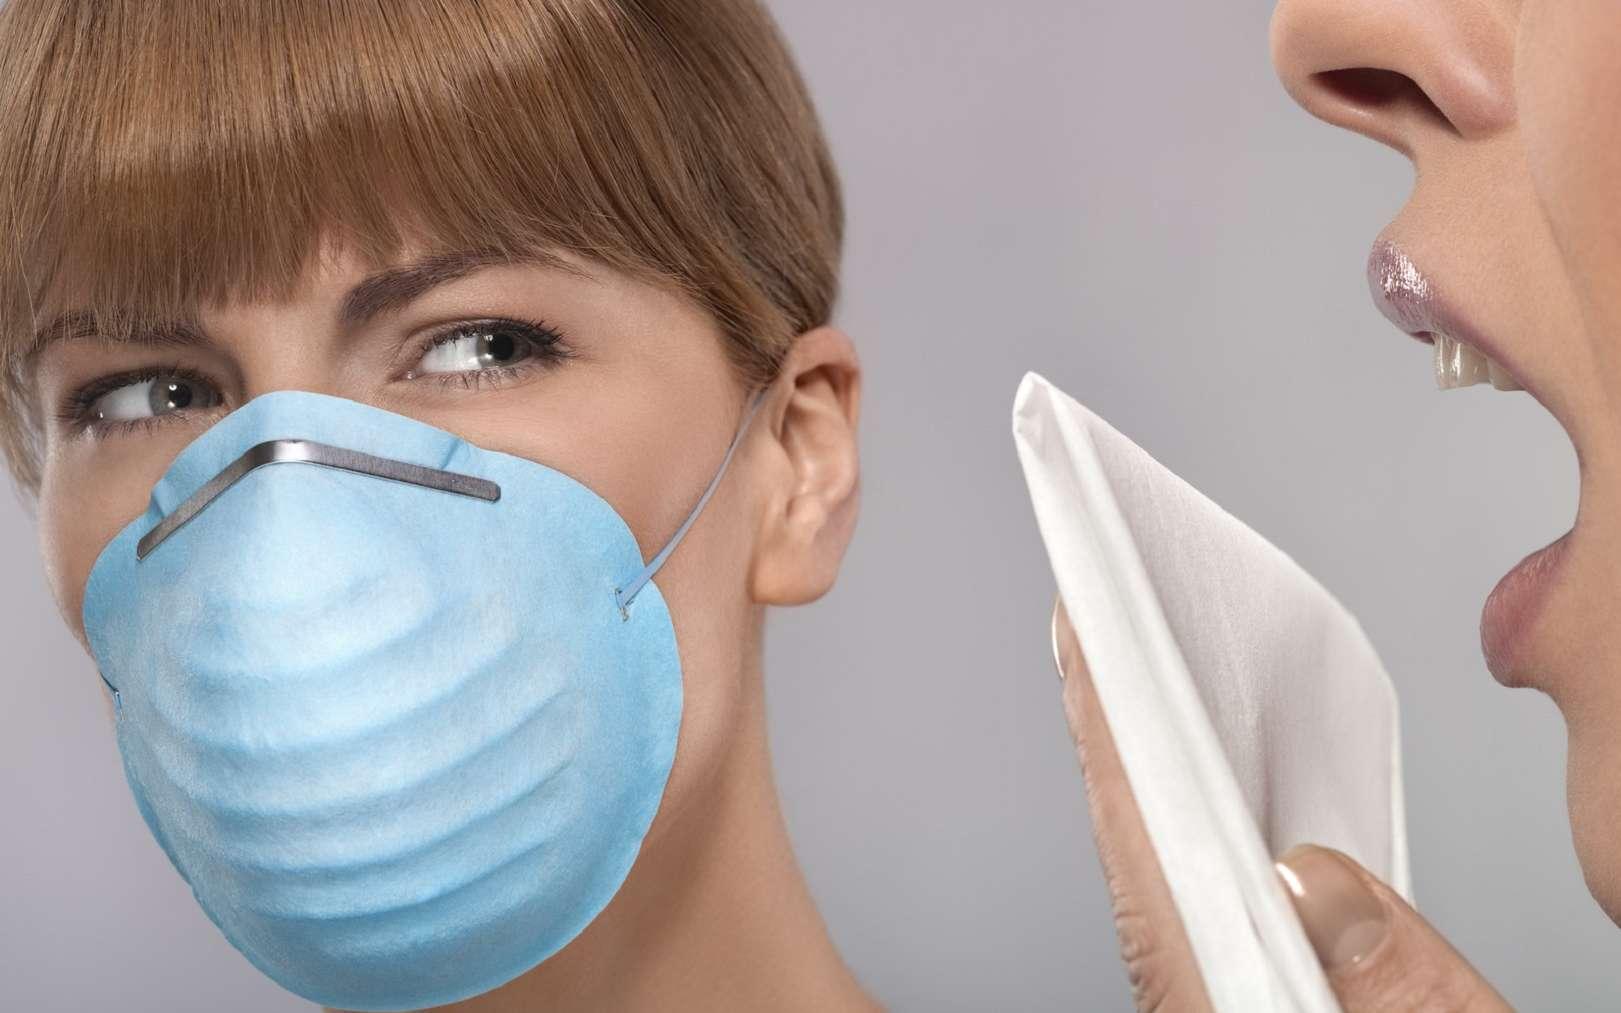 Un éternuement peut transmettre des virus. © flairimages, Fotolia